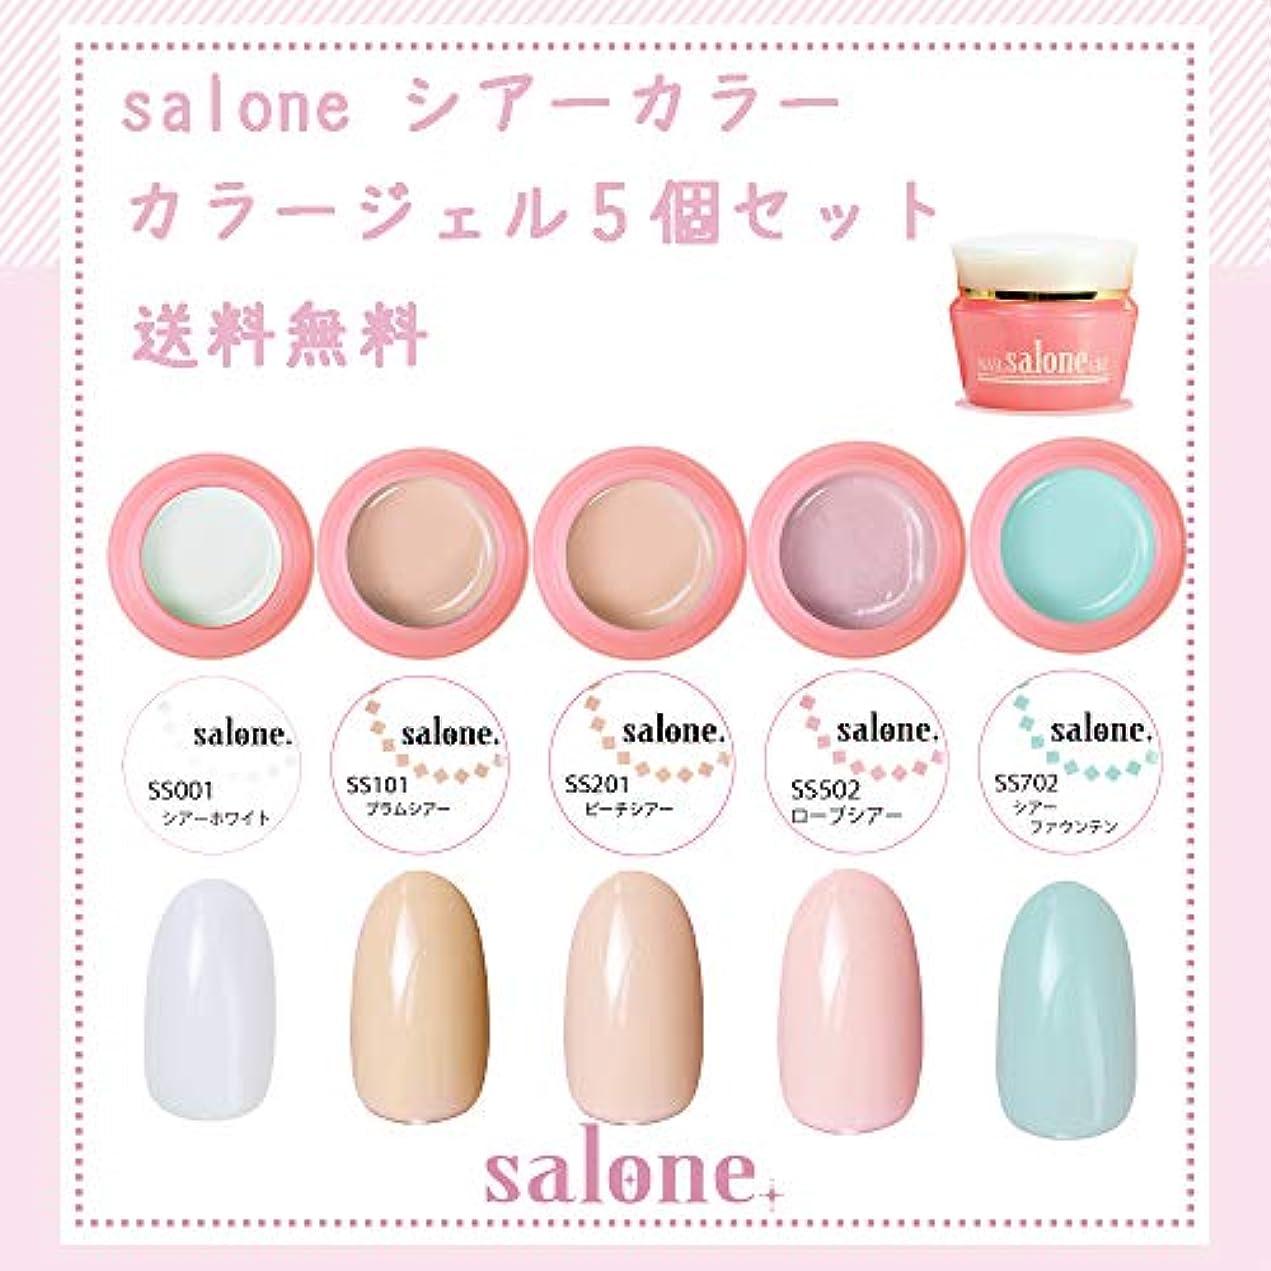 【送料無料 日本製】Salone シアーカラーカラージェル5個セット アンニュイでグラデーションにもピッタリなカラー